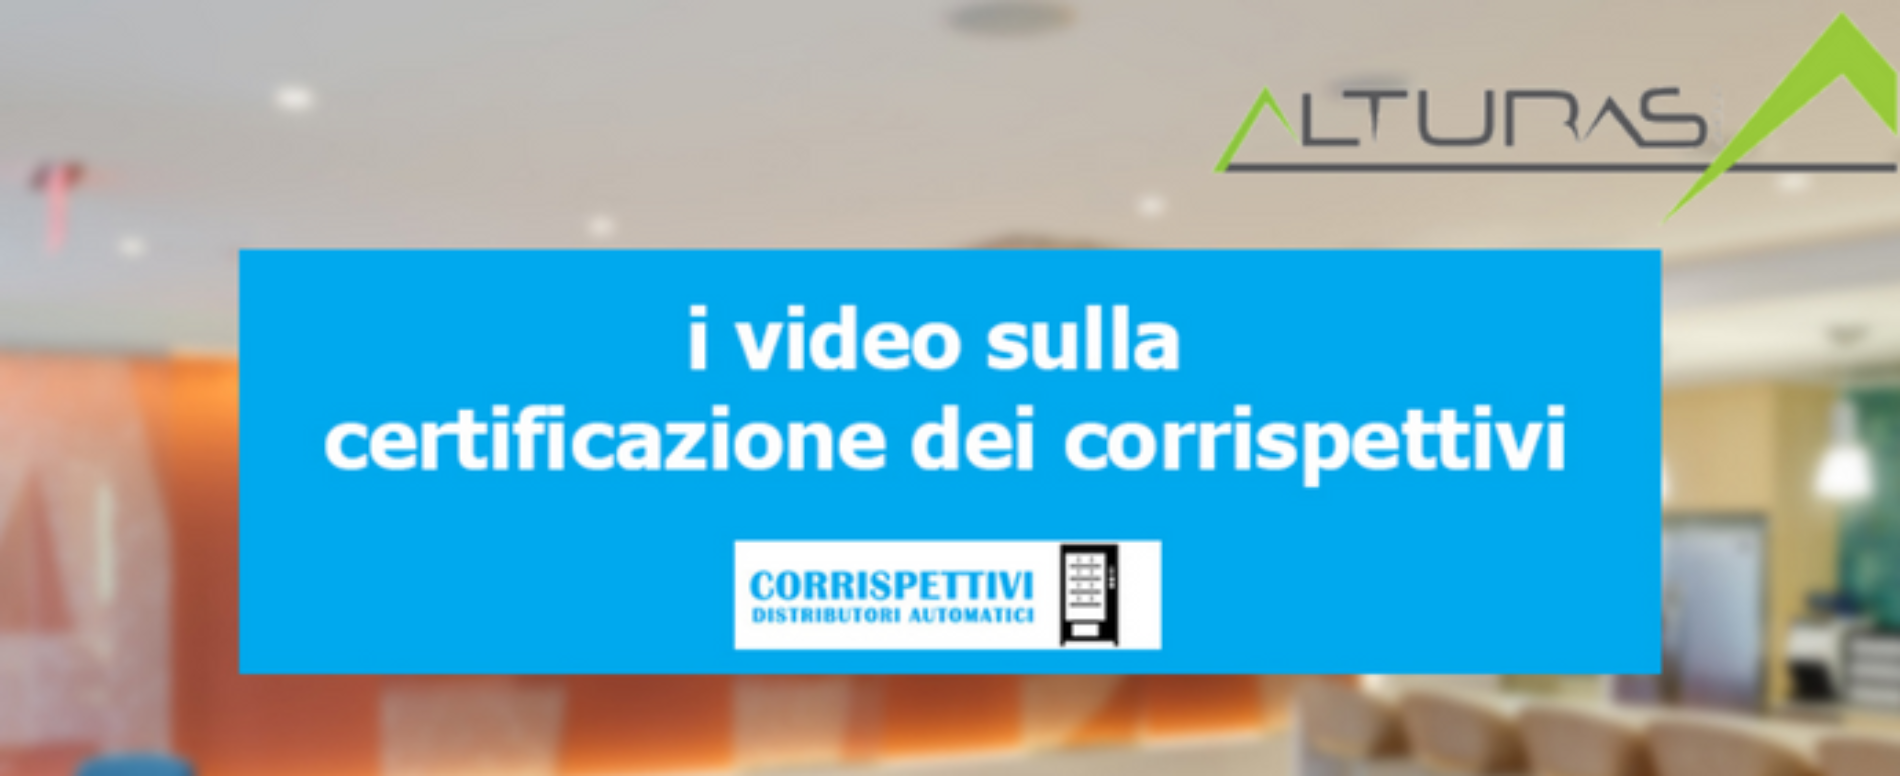 Un mese alla certificazione dei corrispettivi: i video di Alturas